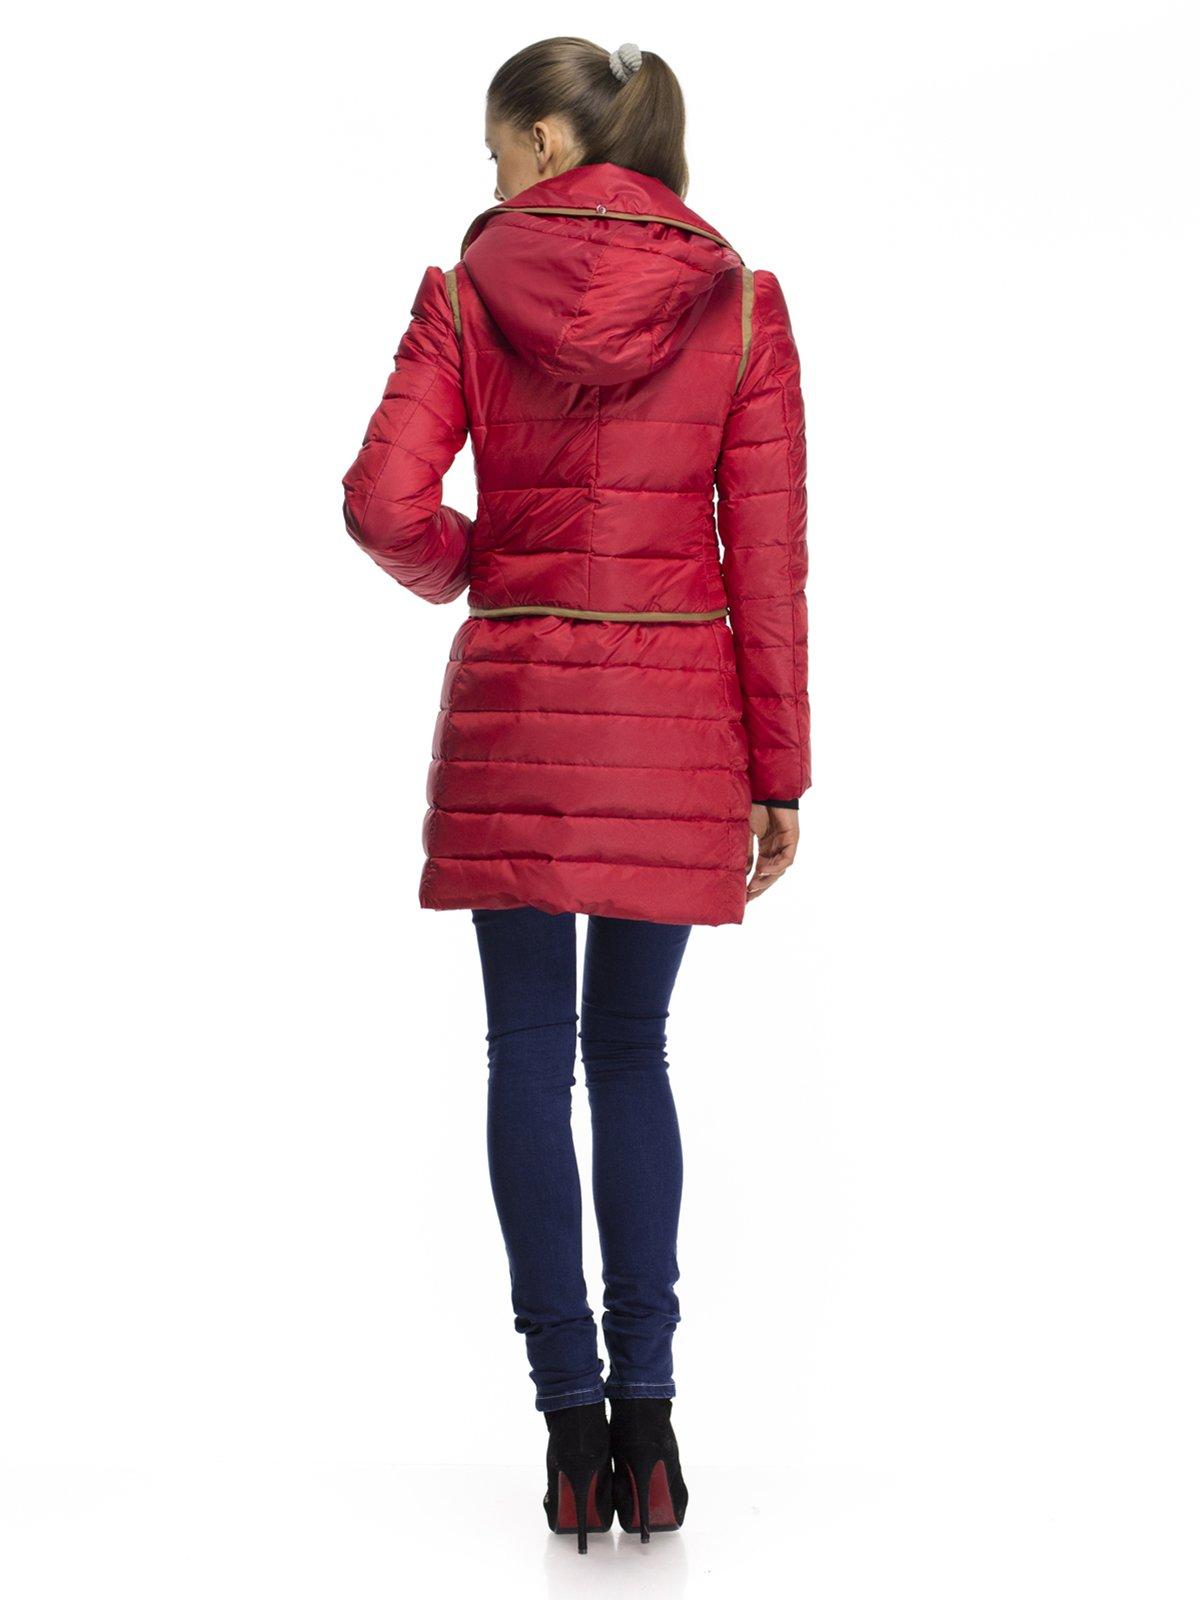 Пальто-трансформер красное пуховое | 254376 | фото 2